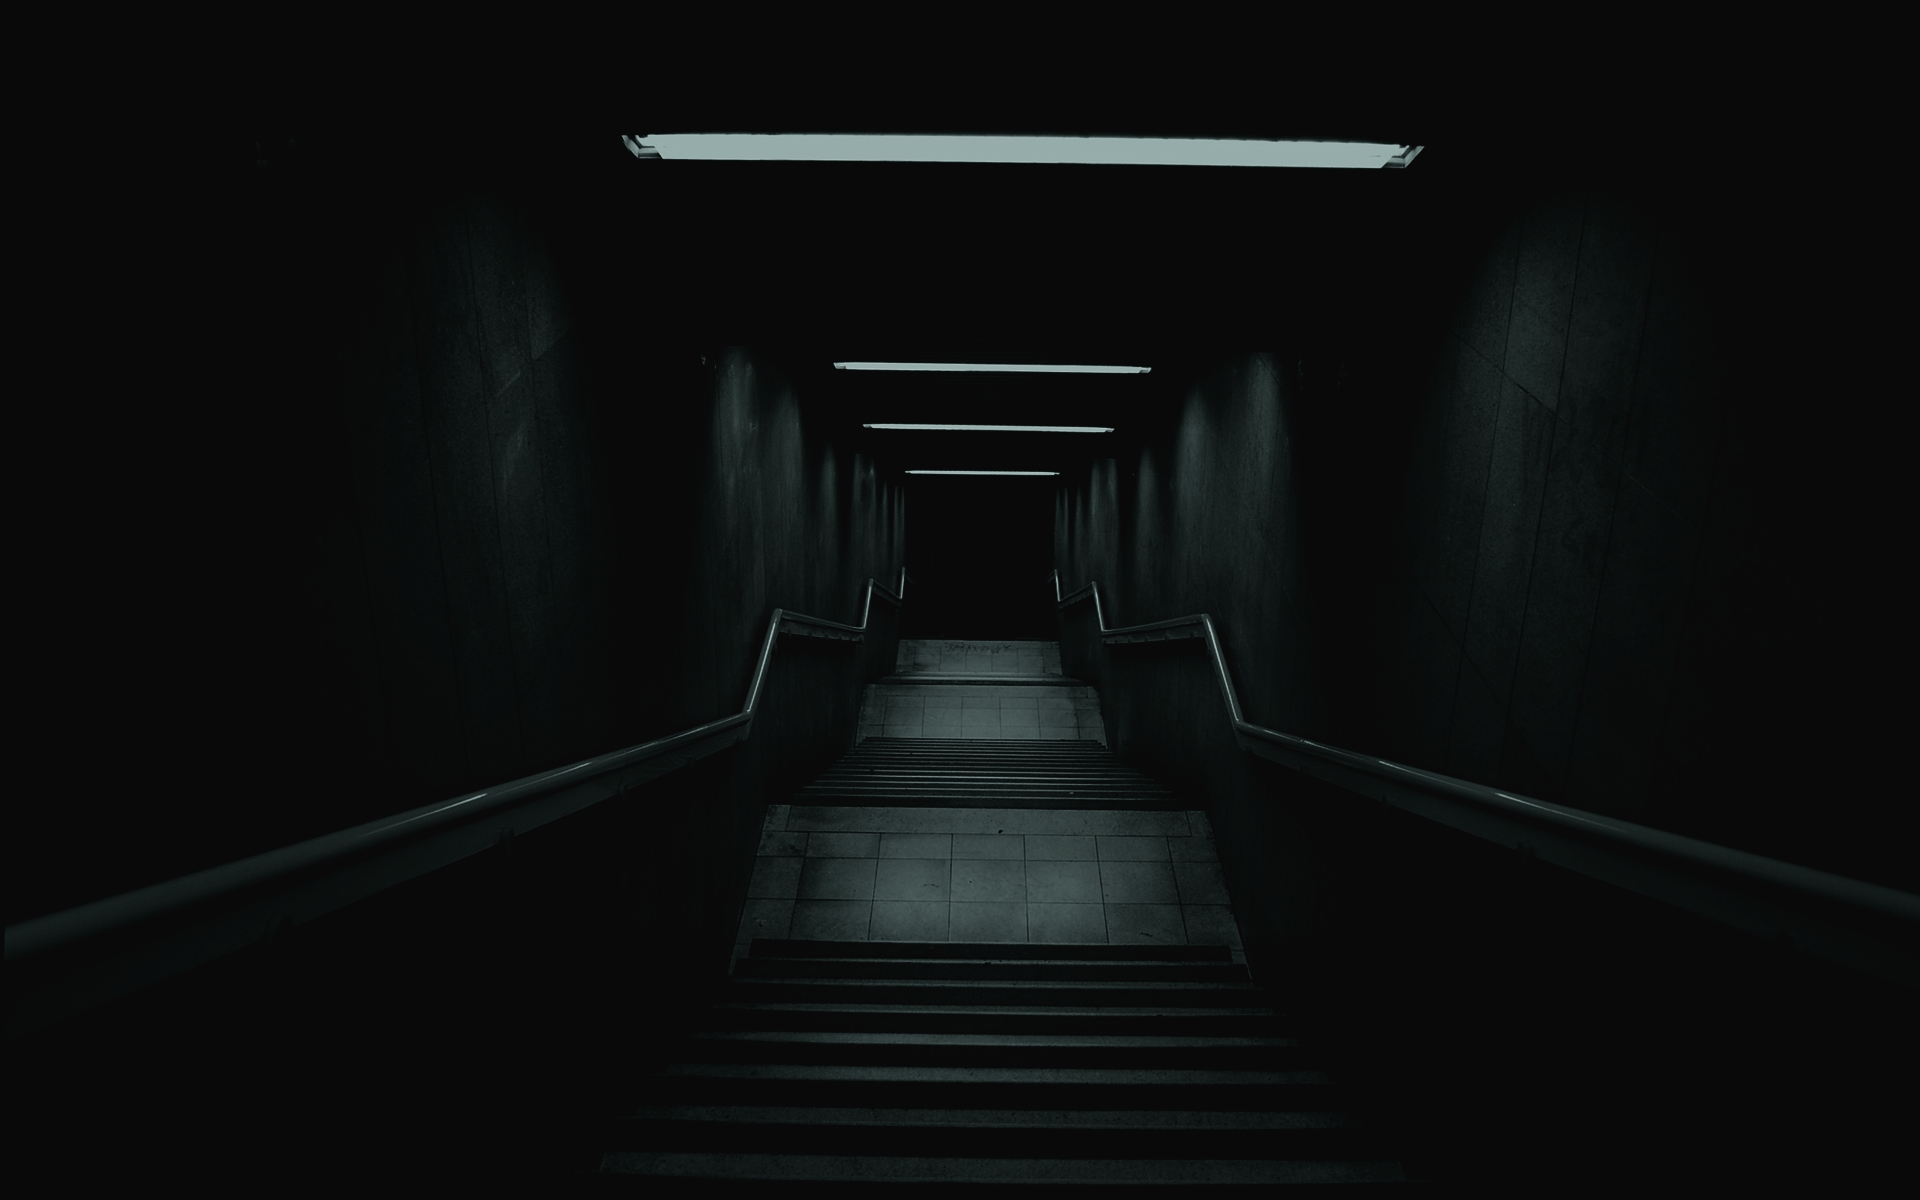 Hình nền hành lang tối